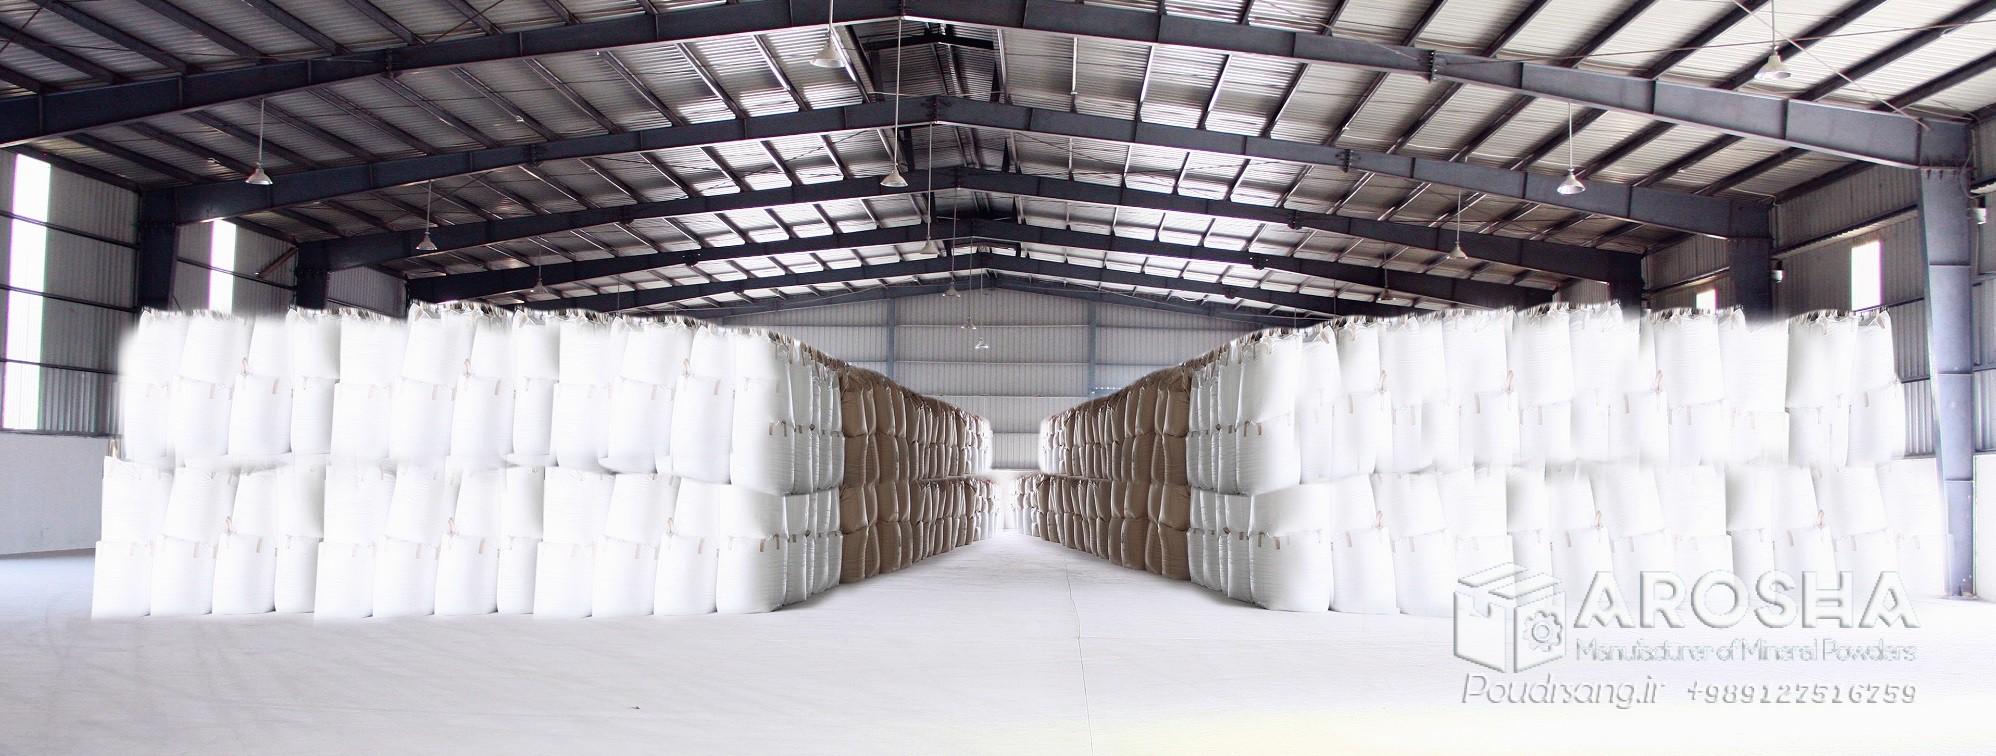 کارخانه تولید کلسیم کربنات